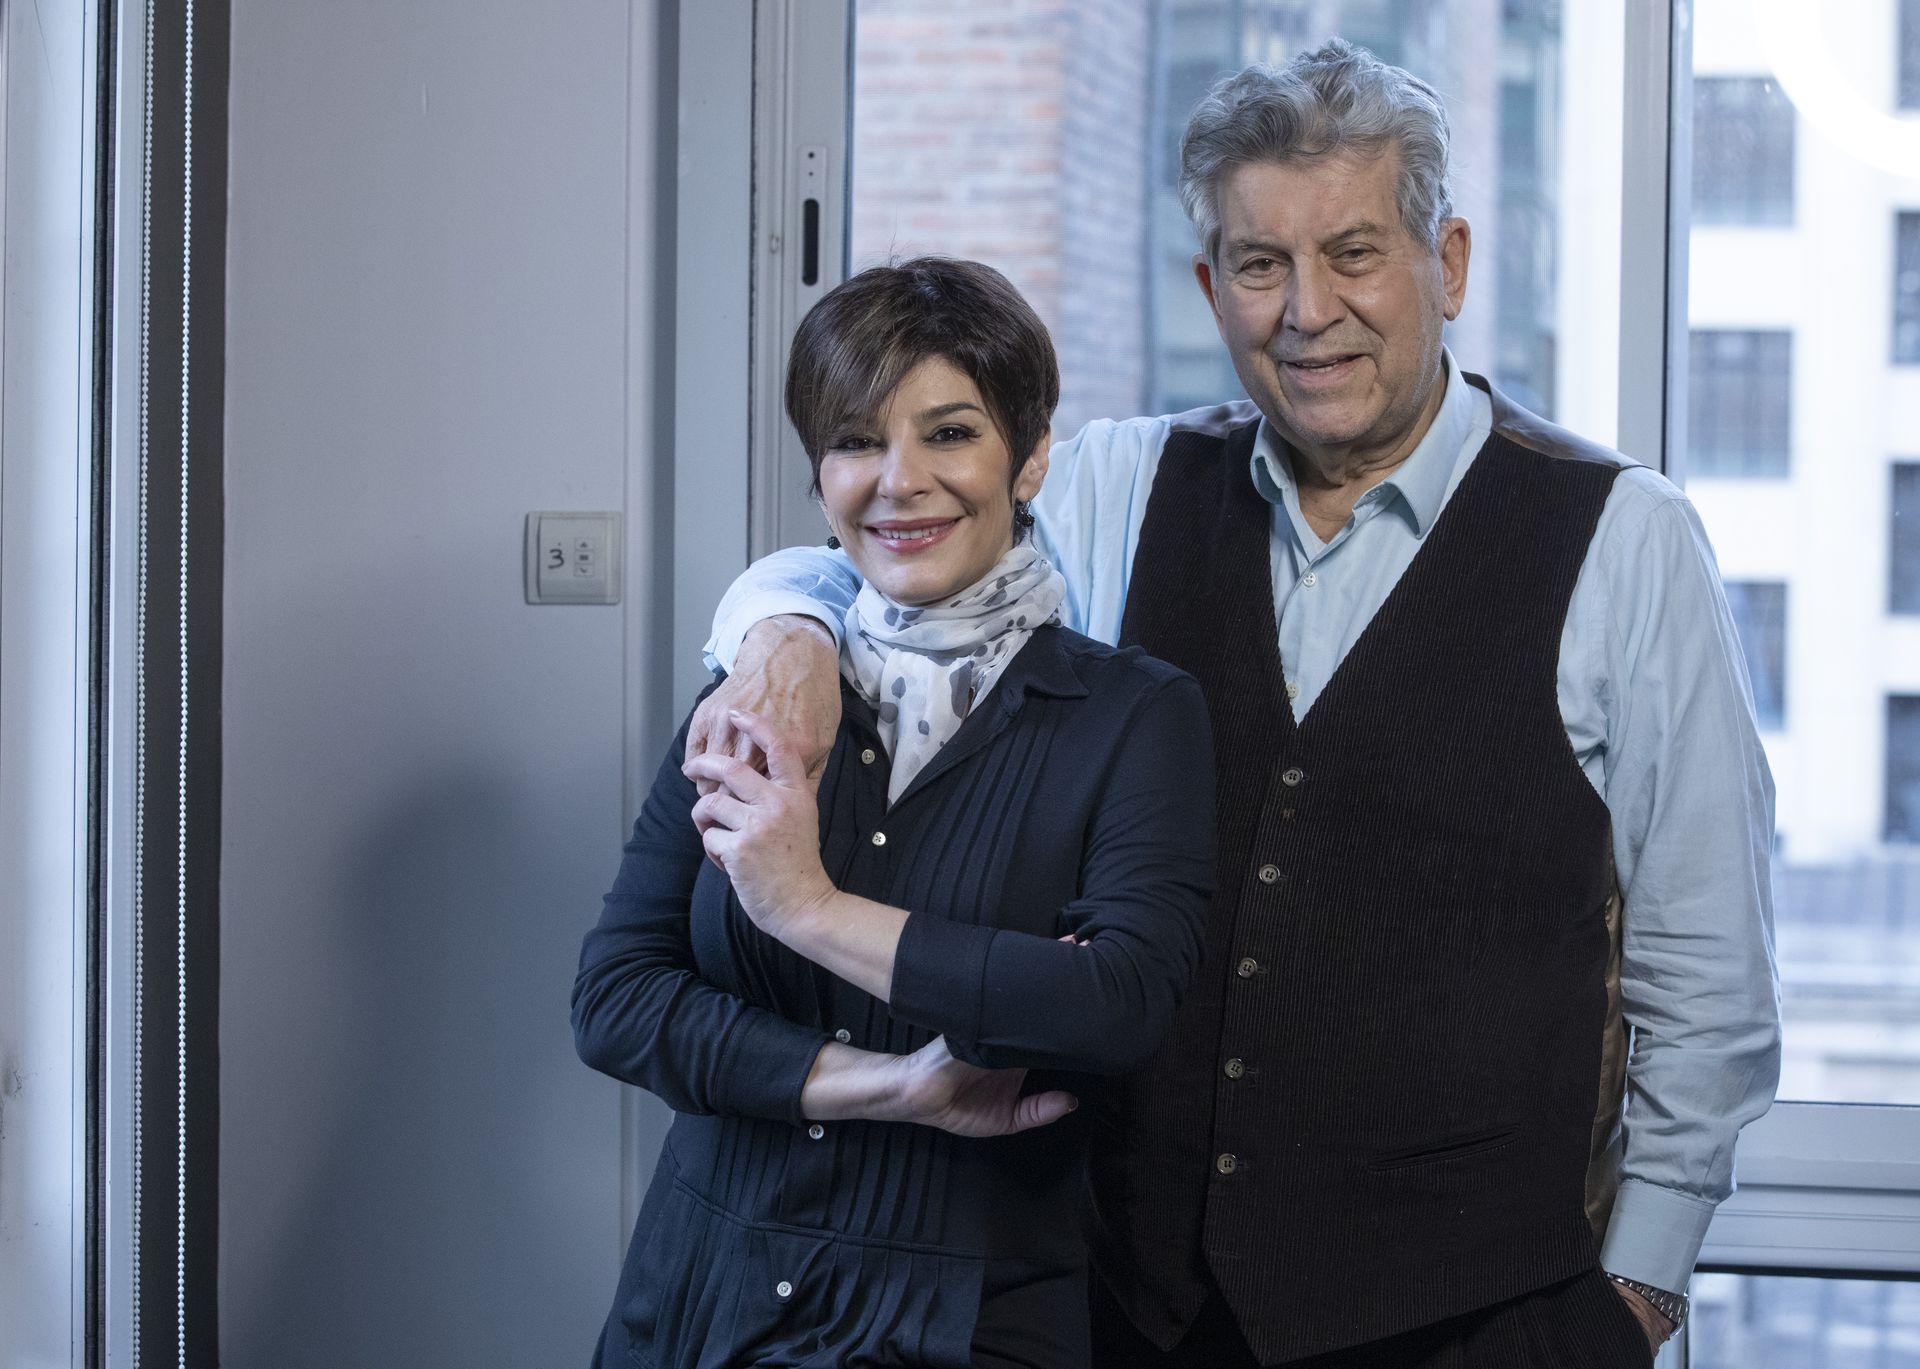 Osvaldo y Carolina Papaleo viven a pocas cuadras, pero mantienen una relación independiente